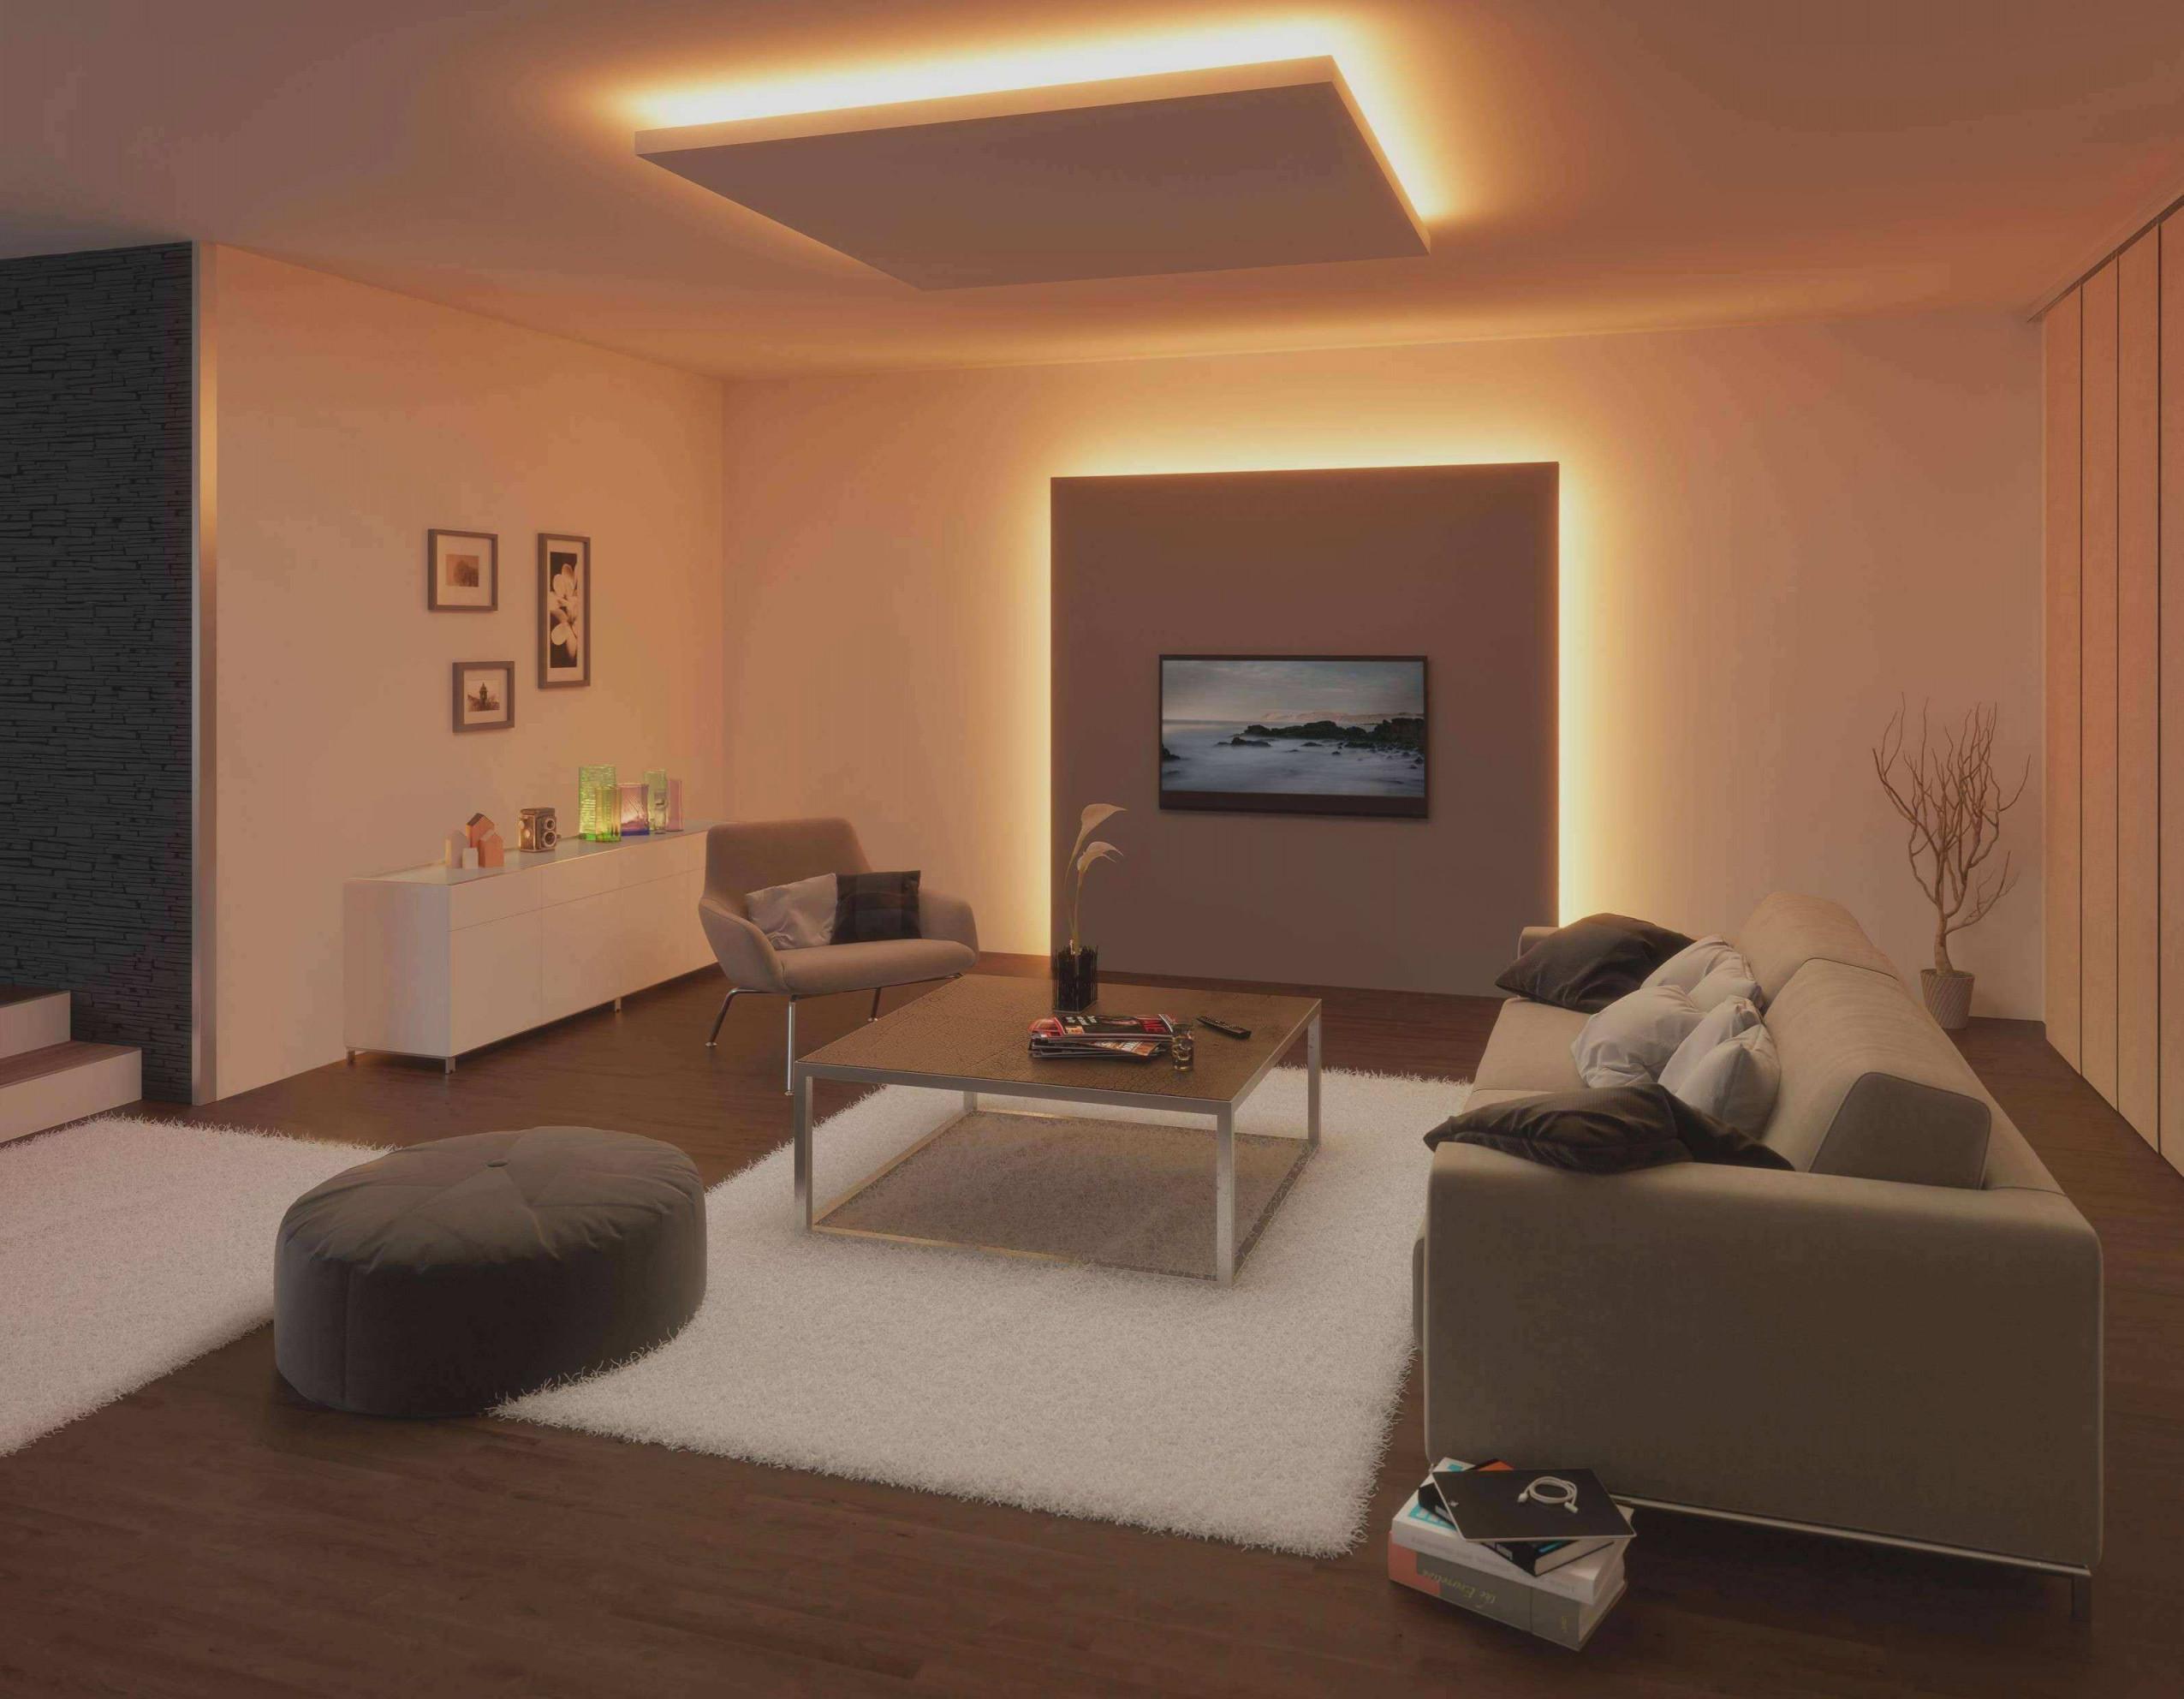 59 Inspirierend Wohnzimmer Gestalten Ideen Bilder Schön von Wohnzimmer Gestalten Ideen Bild